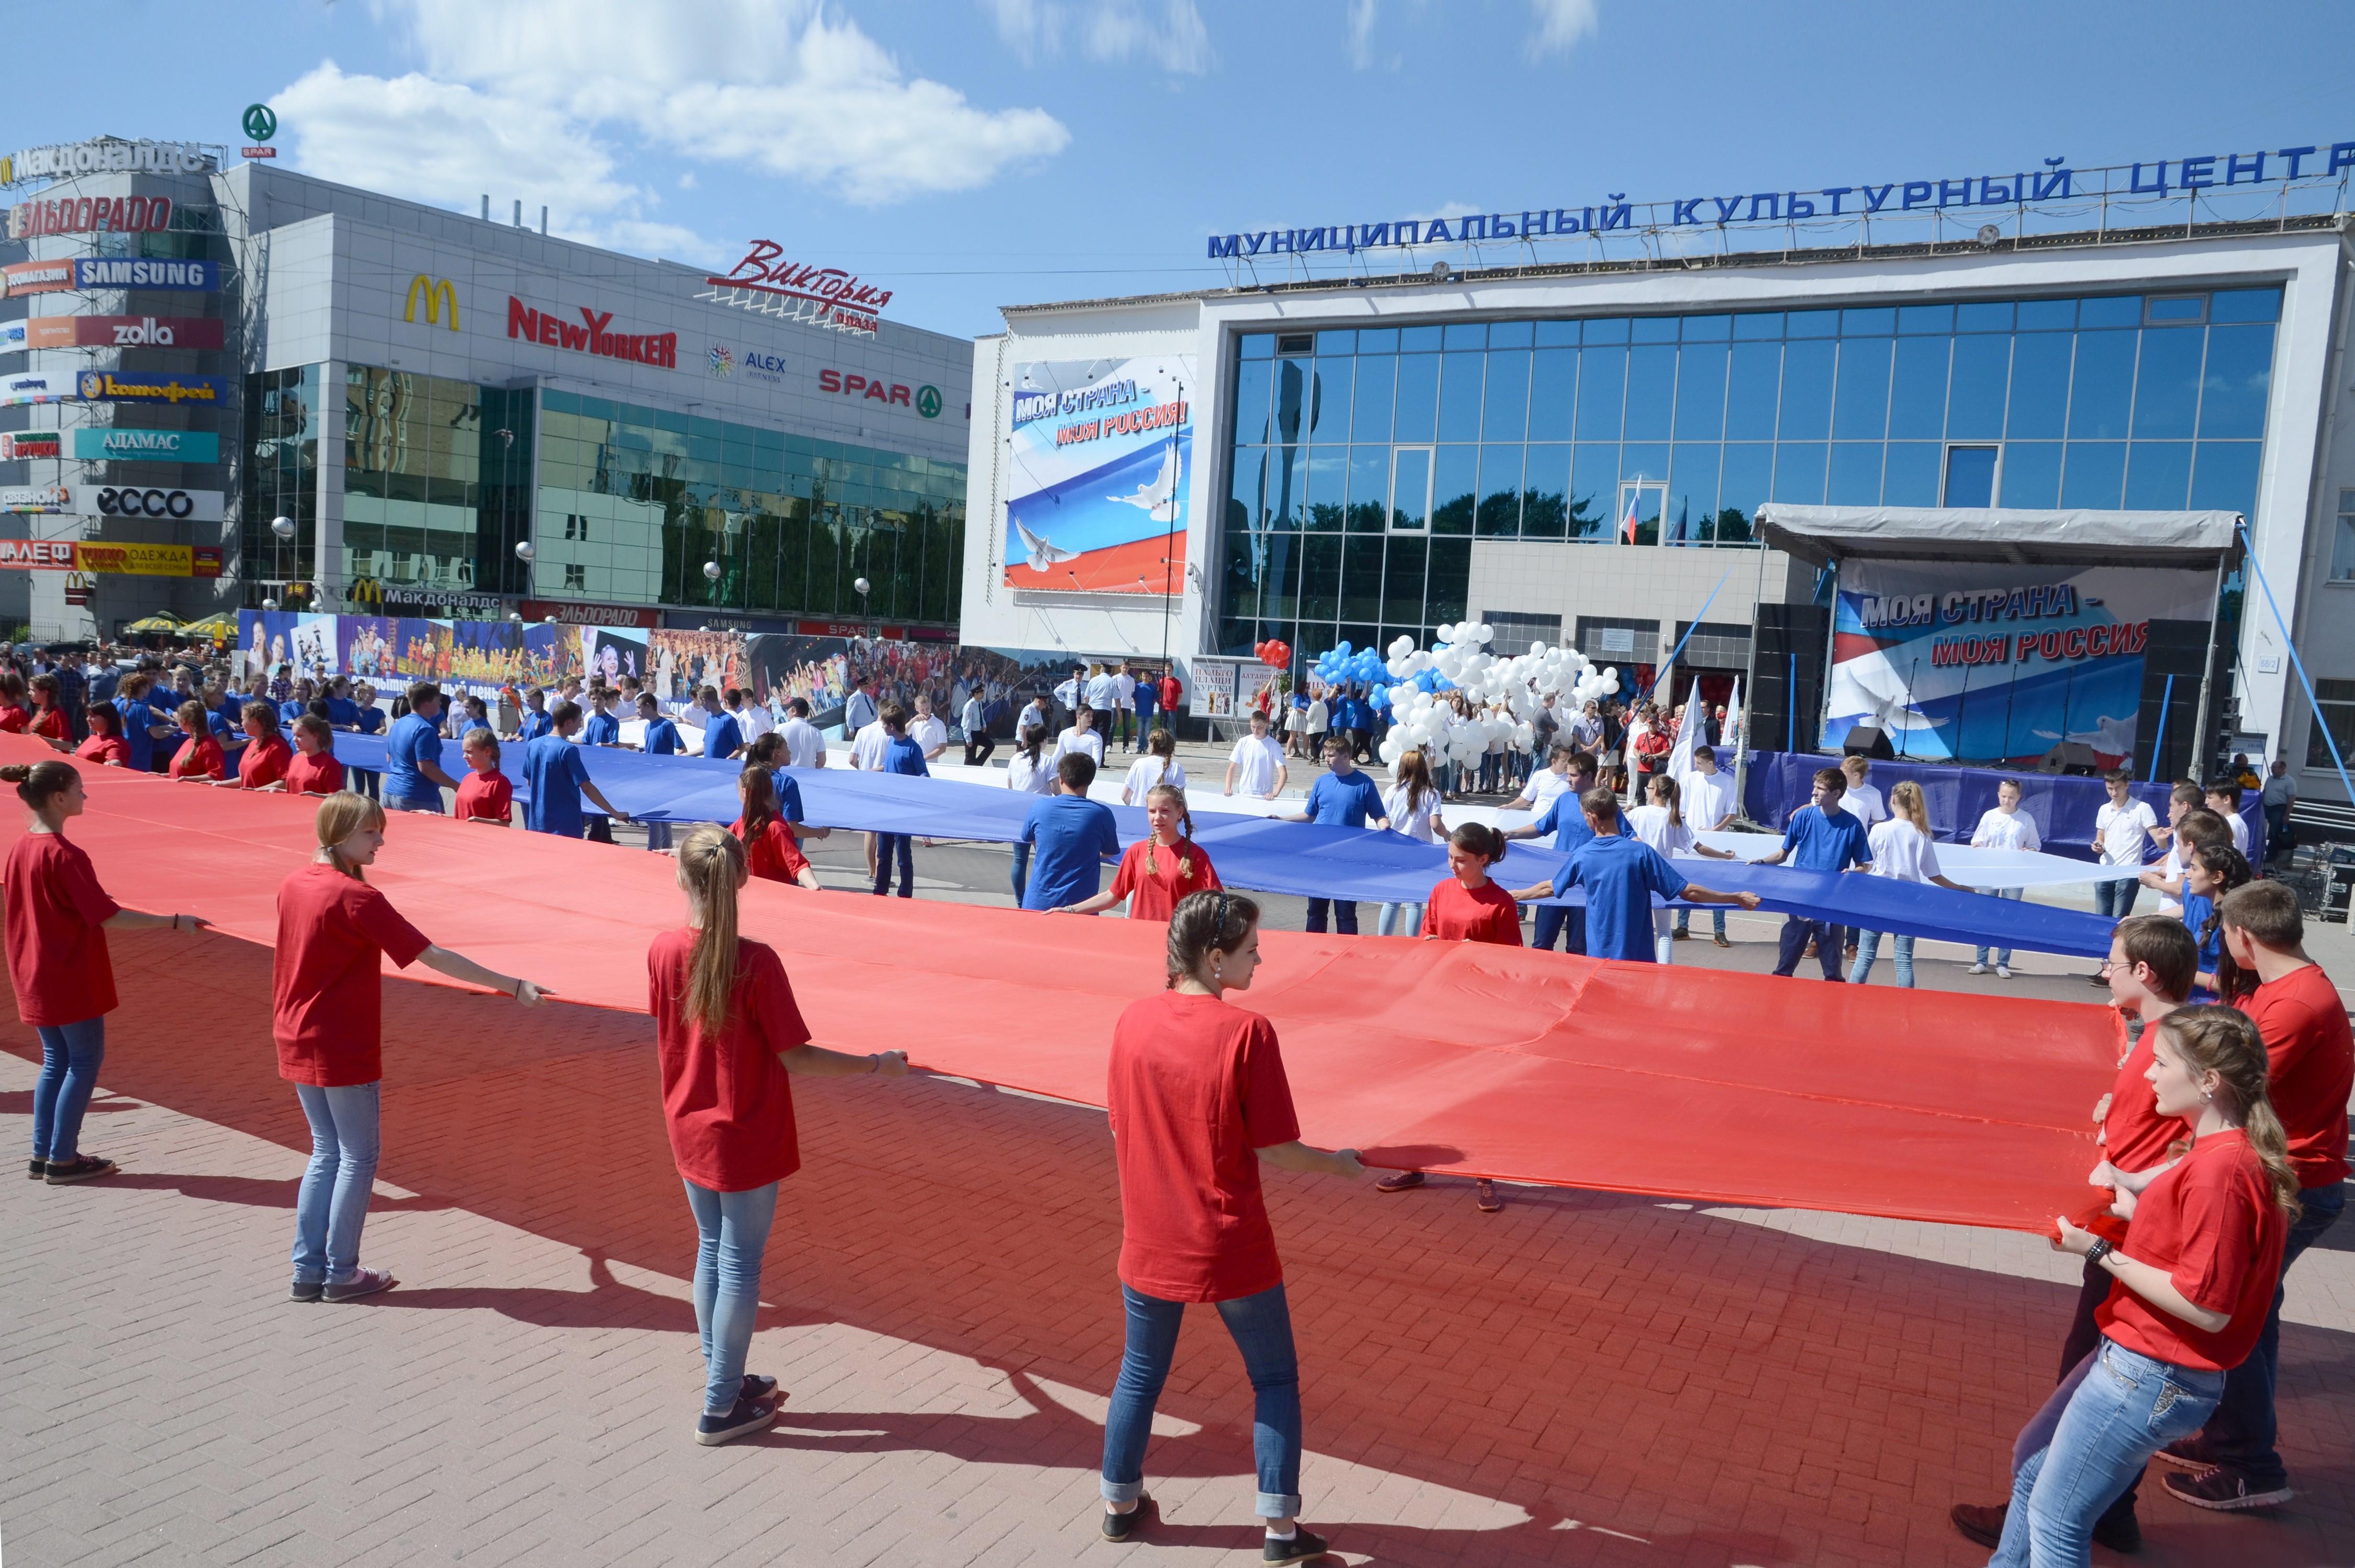 В Рязани в честь Дня России в небо запустили тысячу воздушных шаров